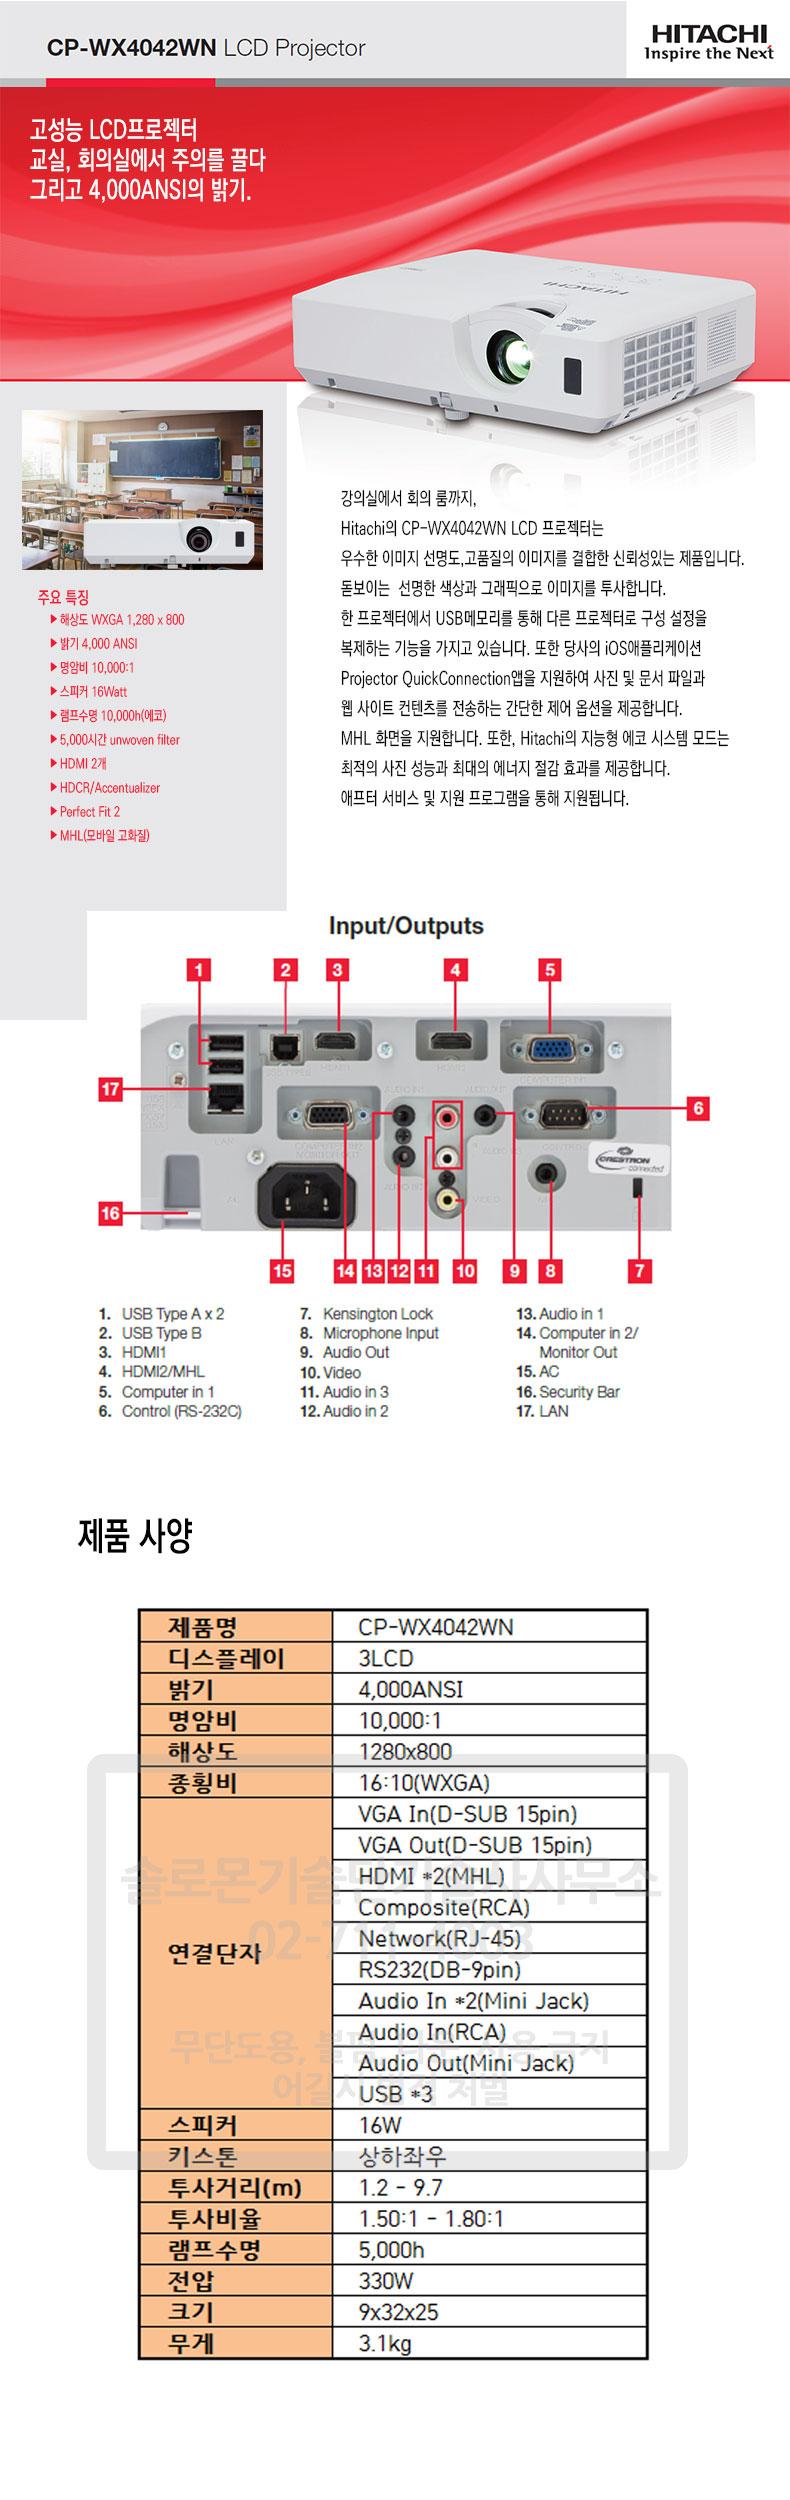 히타치 LCD 프로젝터 CP- WX4042WN